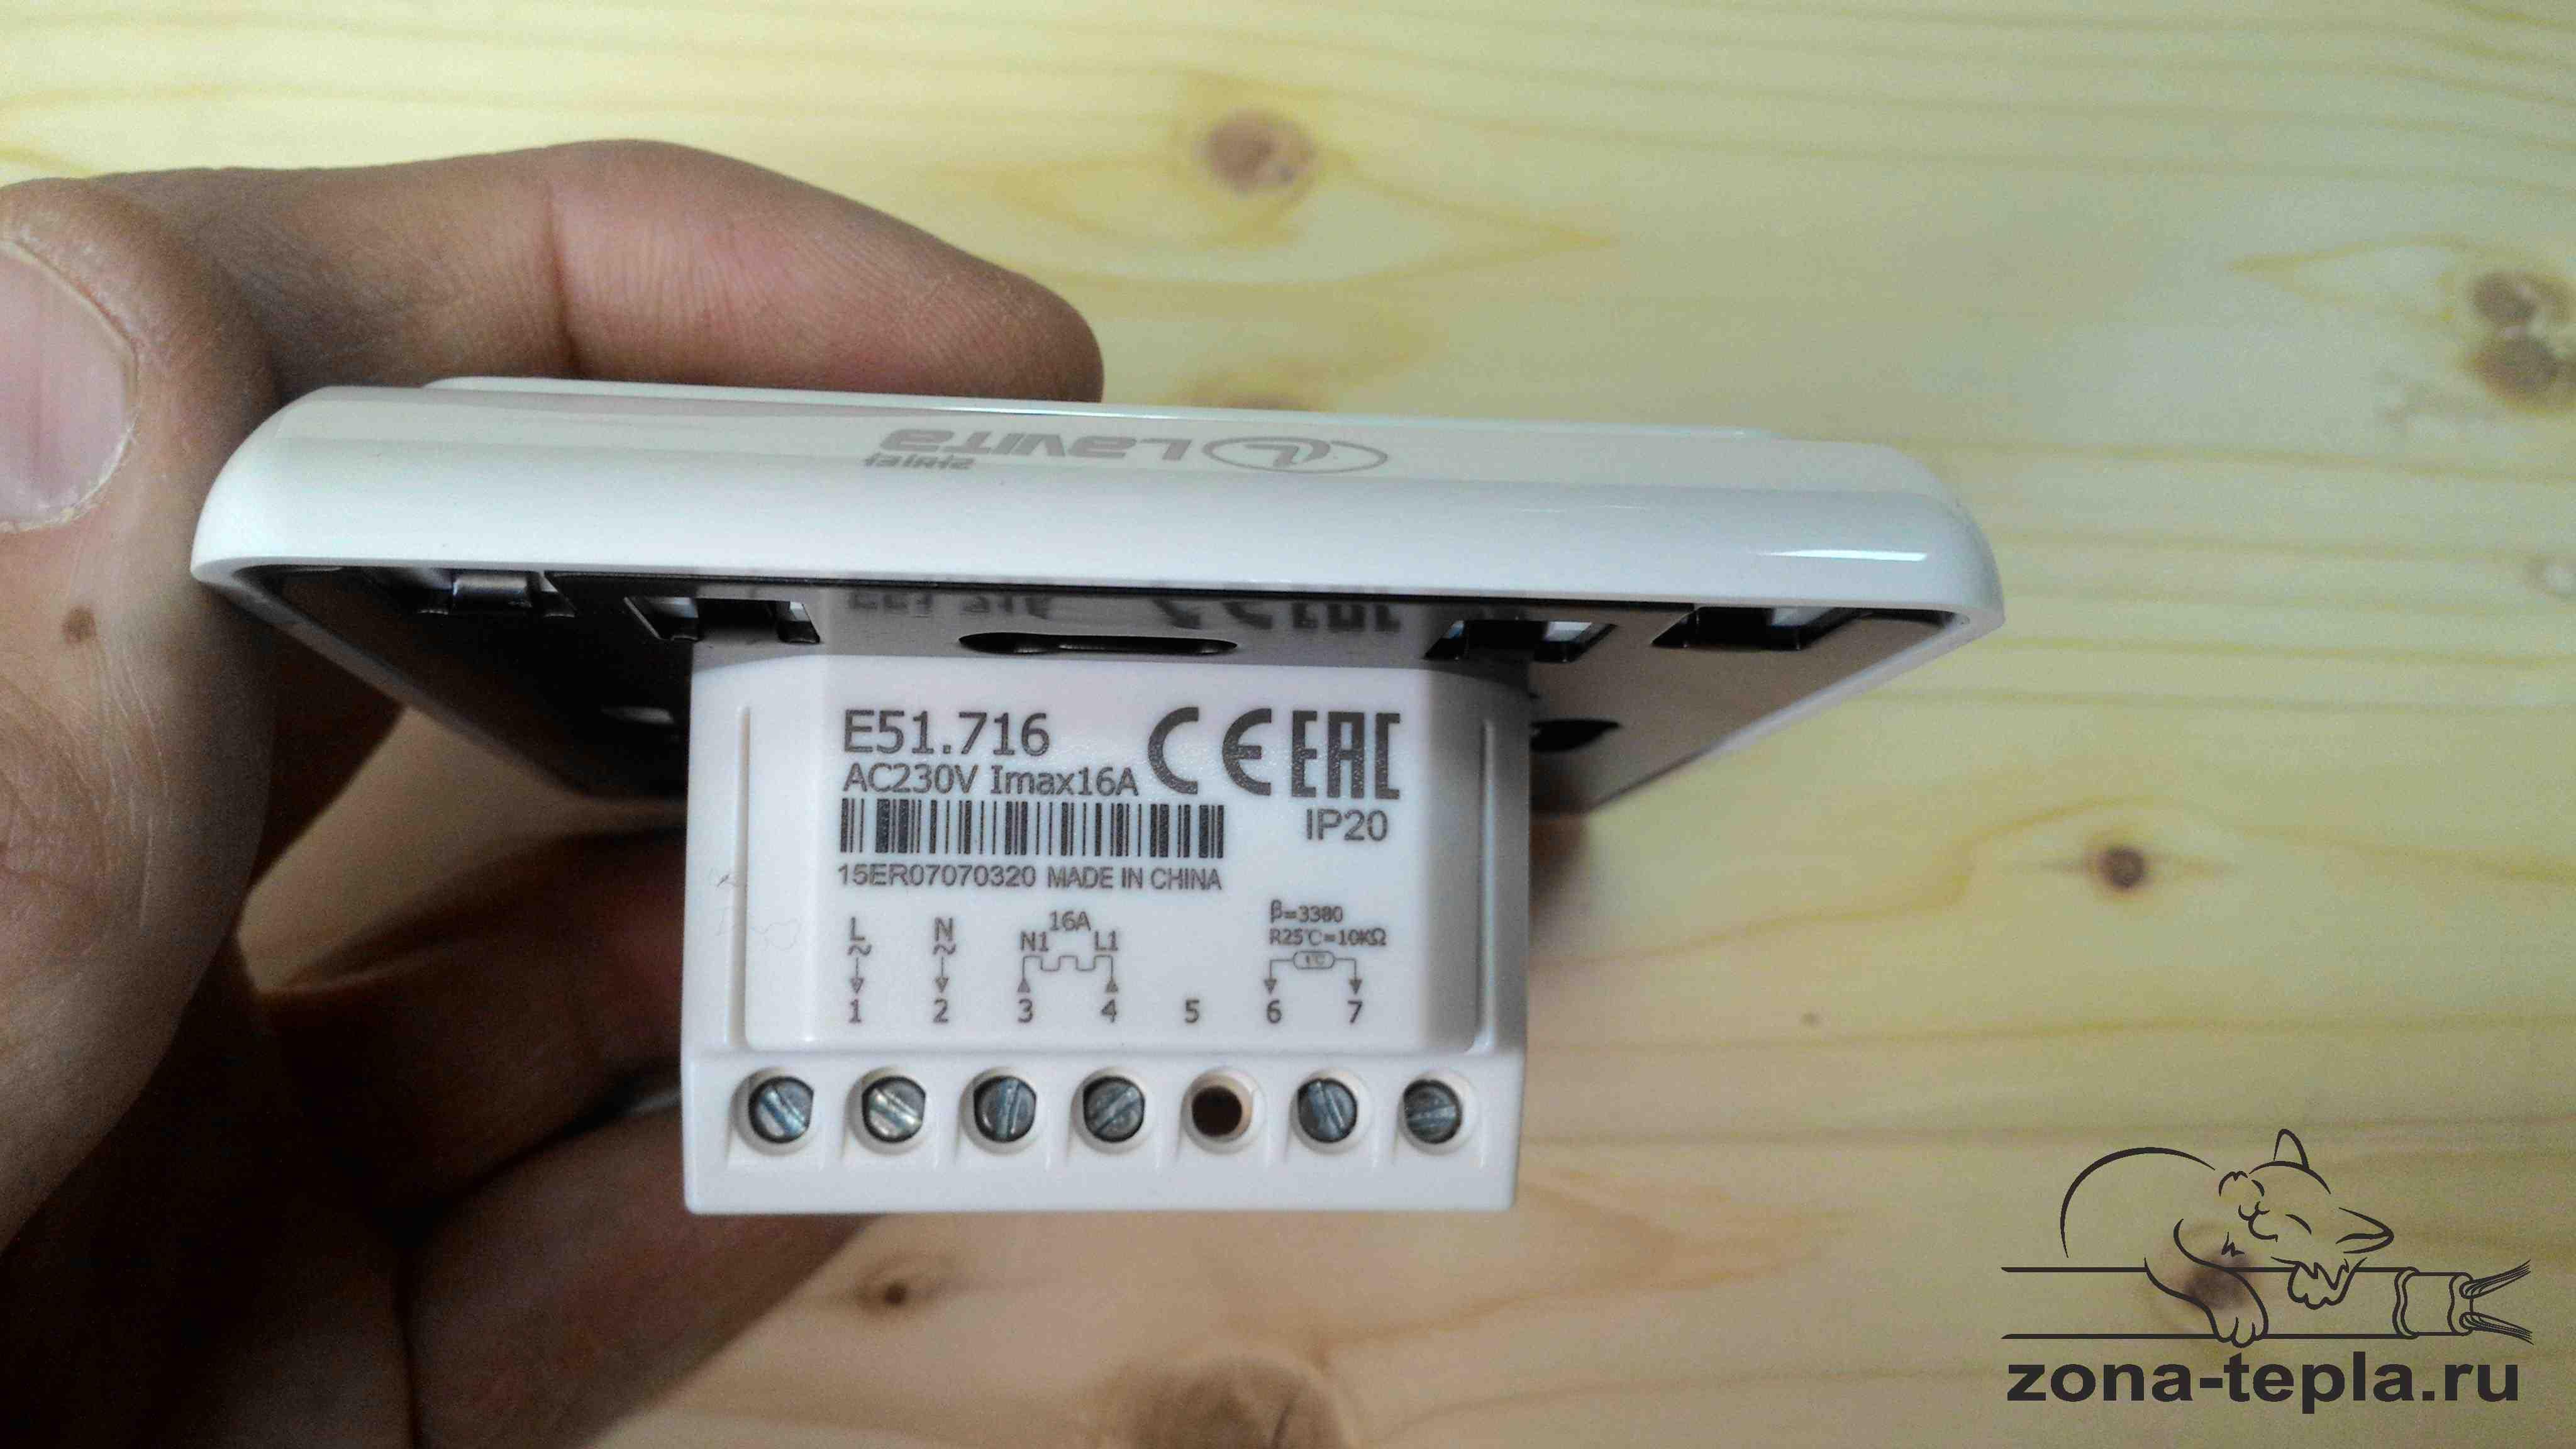 Терморегулятор для теплого пола Lavita E51.716 схема подключения